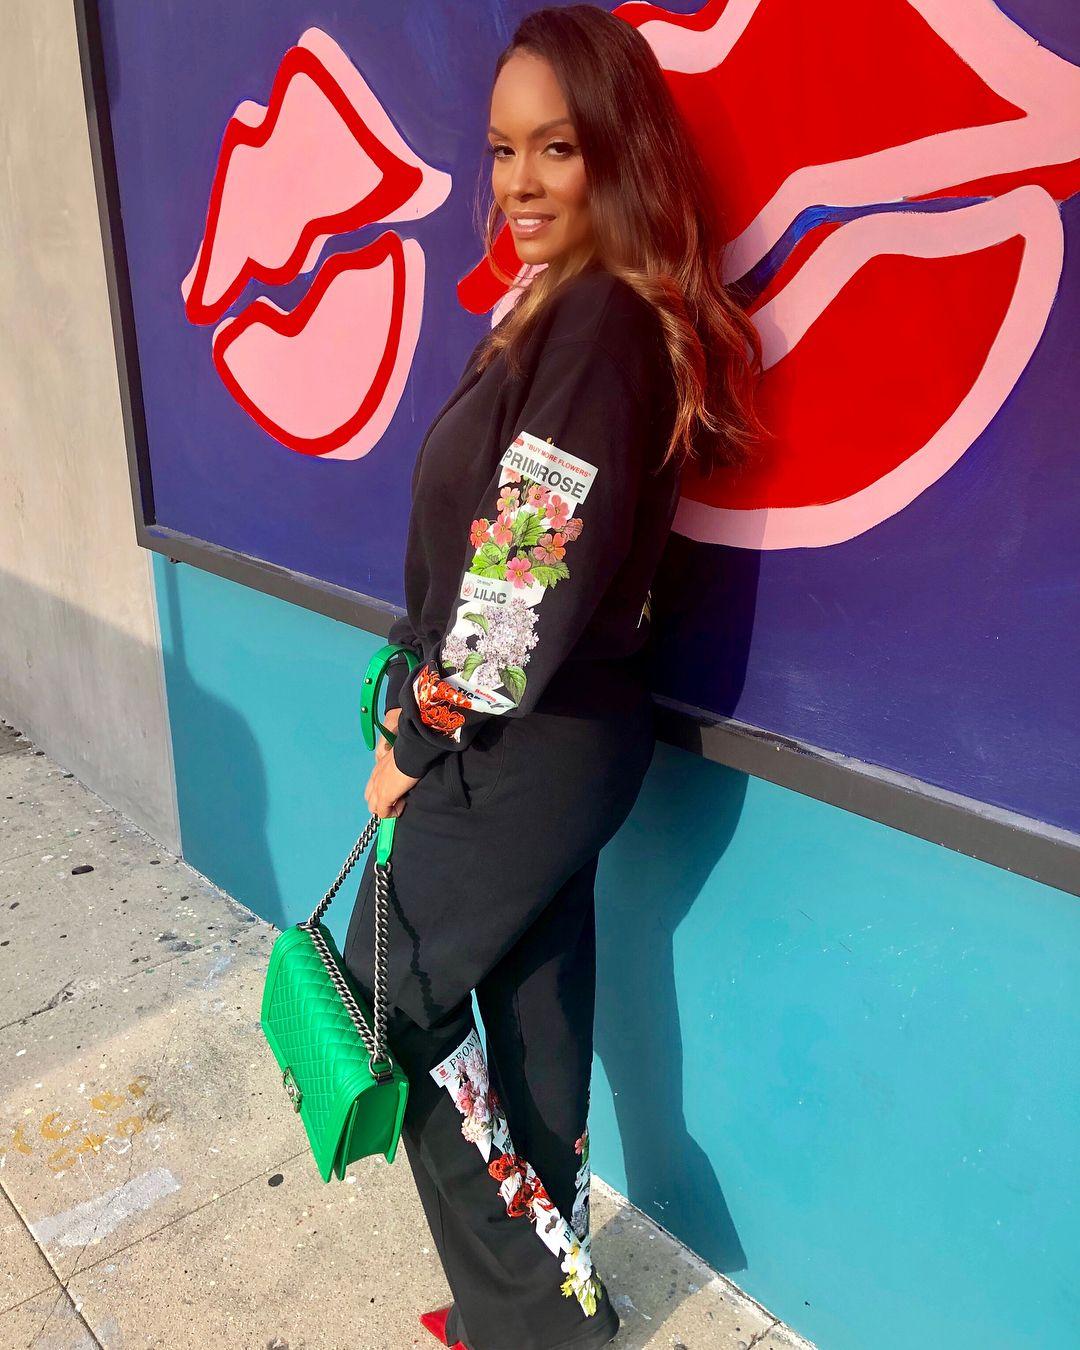 Instagram Evelyn Lozada nude photos 2019